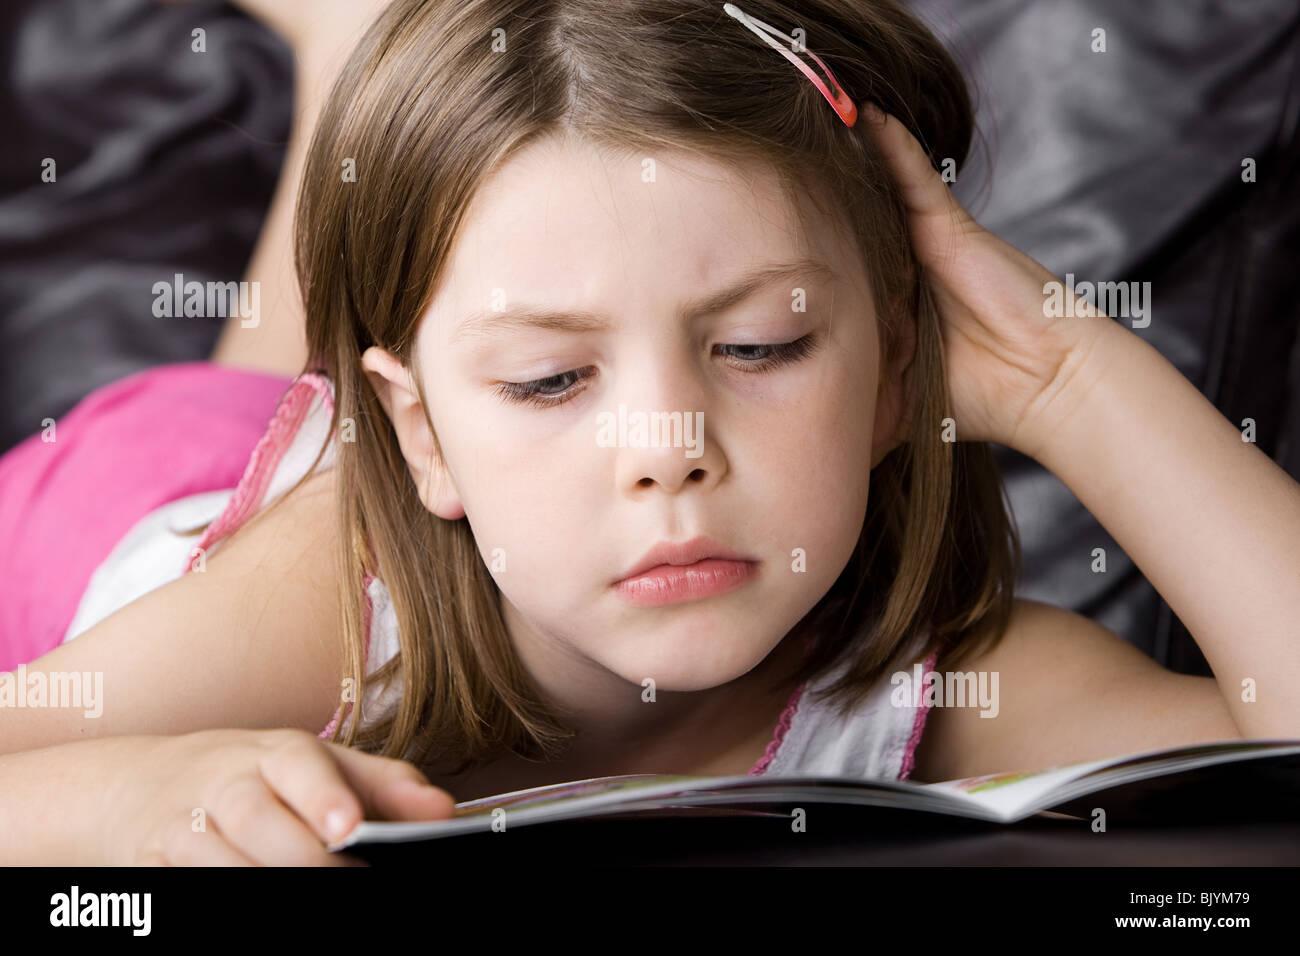 Schuss einen niedlichen jungen Kind lesen ihr Buch auf dem Sofa Stockbild